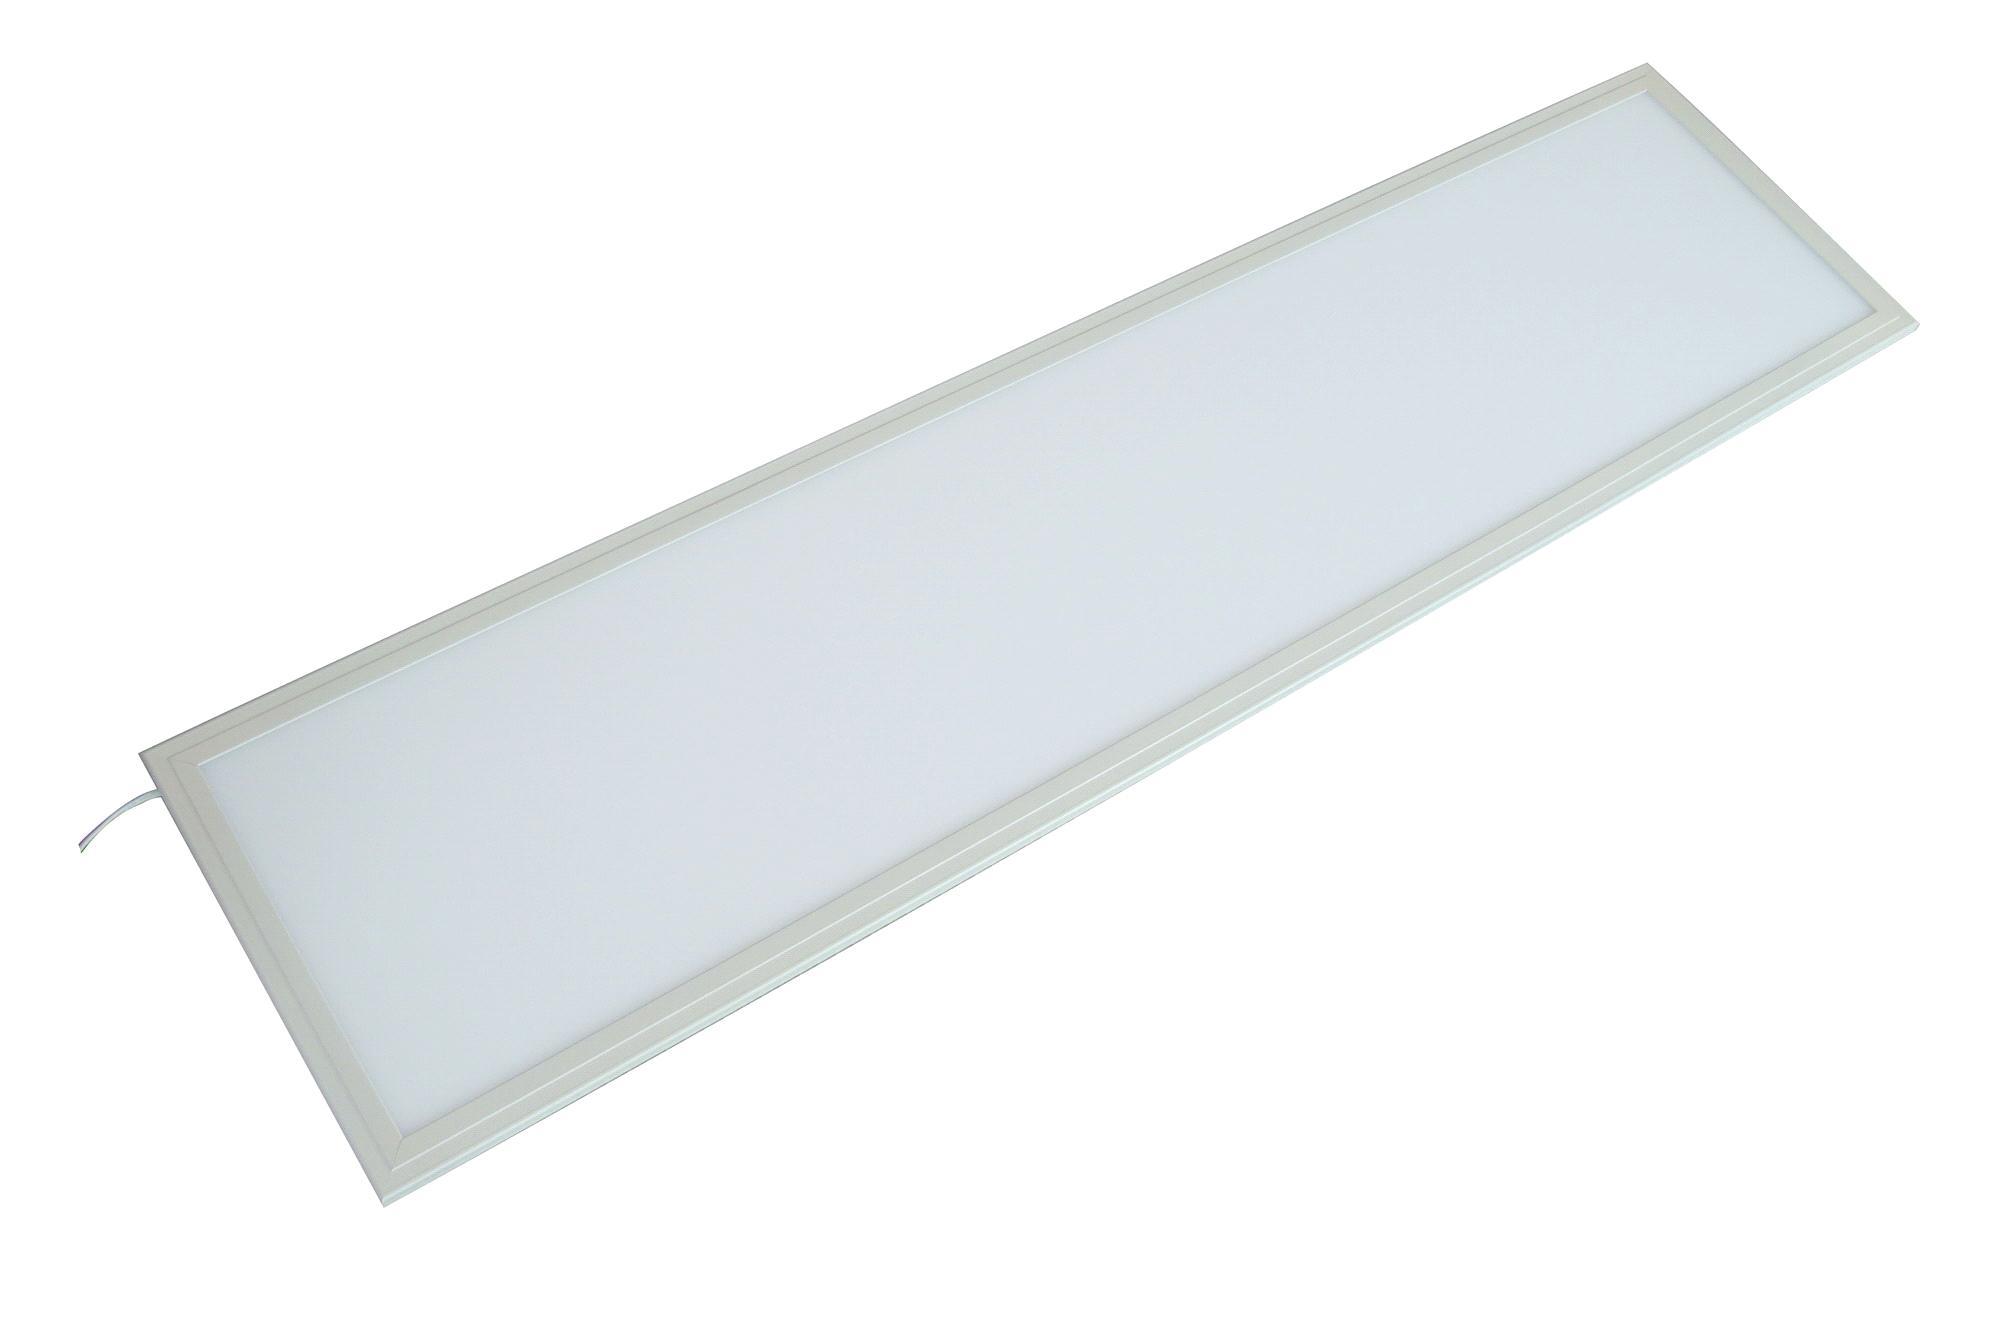 1195x295mm 40w led panel 6500k daylight led pl 40w dl. Black Bedroom Furniture Sets. Home Design Ideas